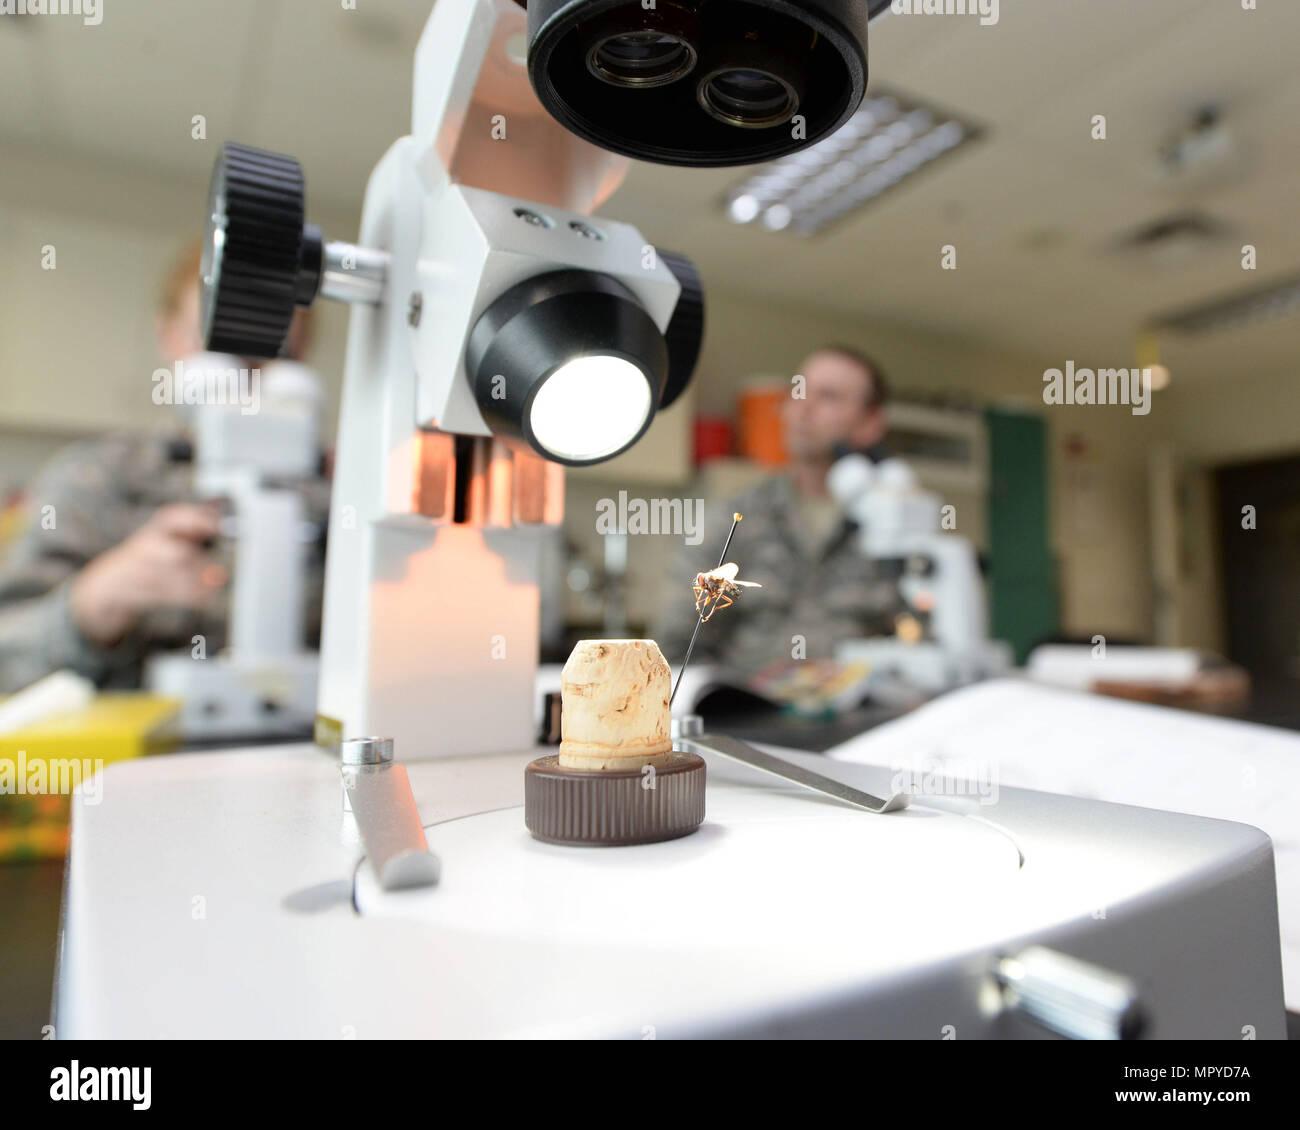 Un microscopio dentro del laboratorio de entomología en la 88 estaciones un escuadrón de Medicina Aeroespacial mosca médicamente significativa de la familia Diptera en la base de la fuerza aérea de Wright-Patterson, Ohio, 21 de abril de 2017. La 88ª AMDS estudian los vectores mecánicos de insectos de importancia militar y las principales enfermedades que transmiten. (Ee.Uu. Foto de la fuerza aérea por Michelle Gigante/liberado) Imagen De Stock